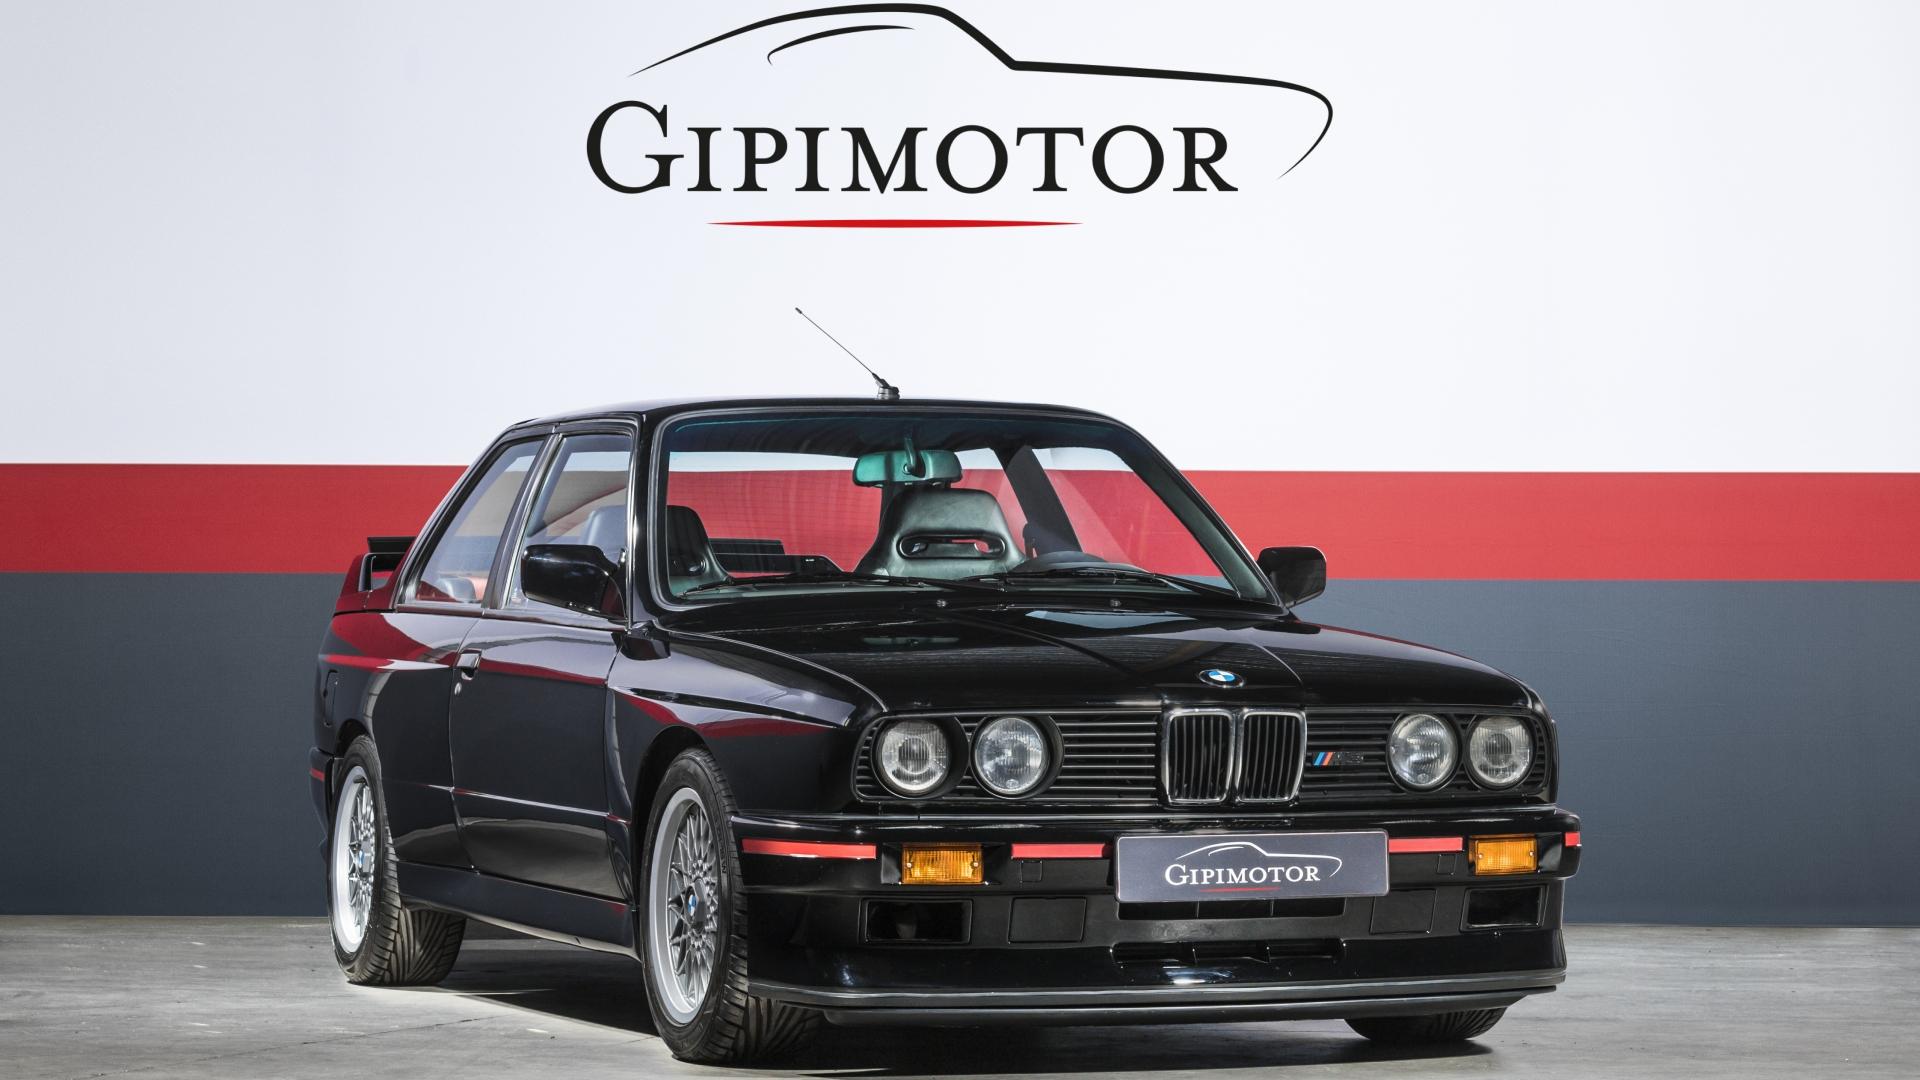 BMW - M3 Sport Evolution (Evo 3) · Gipimotor